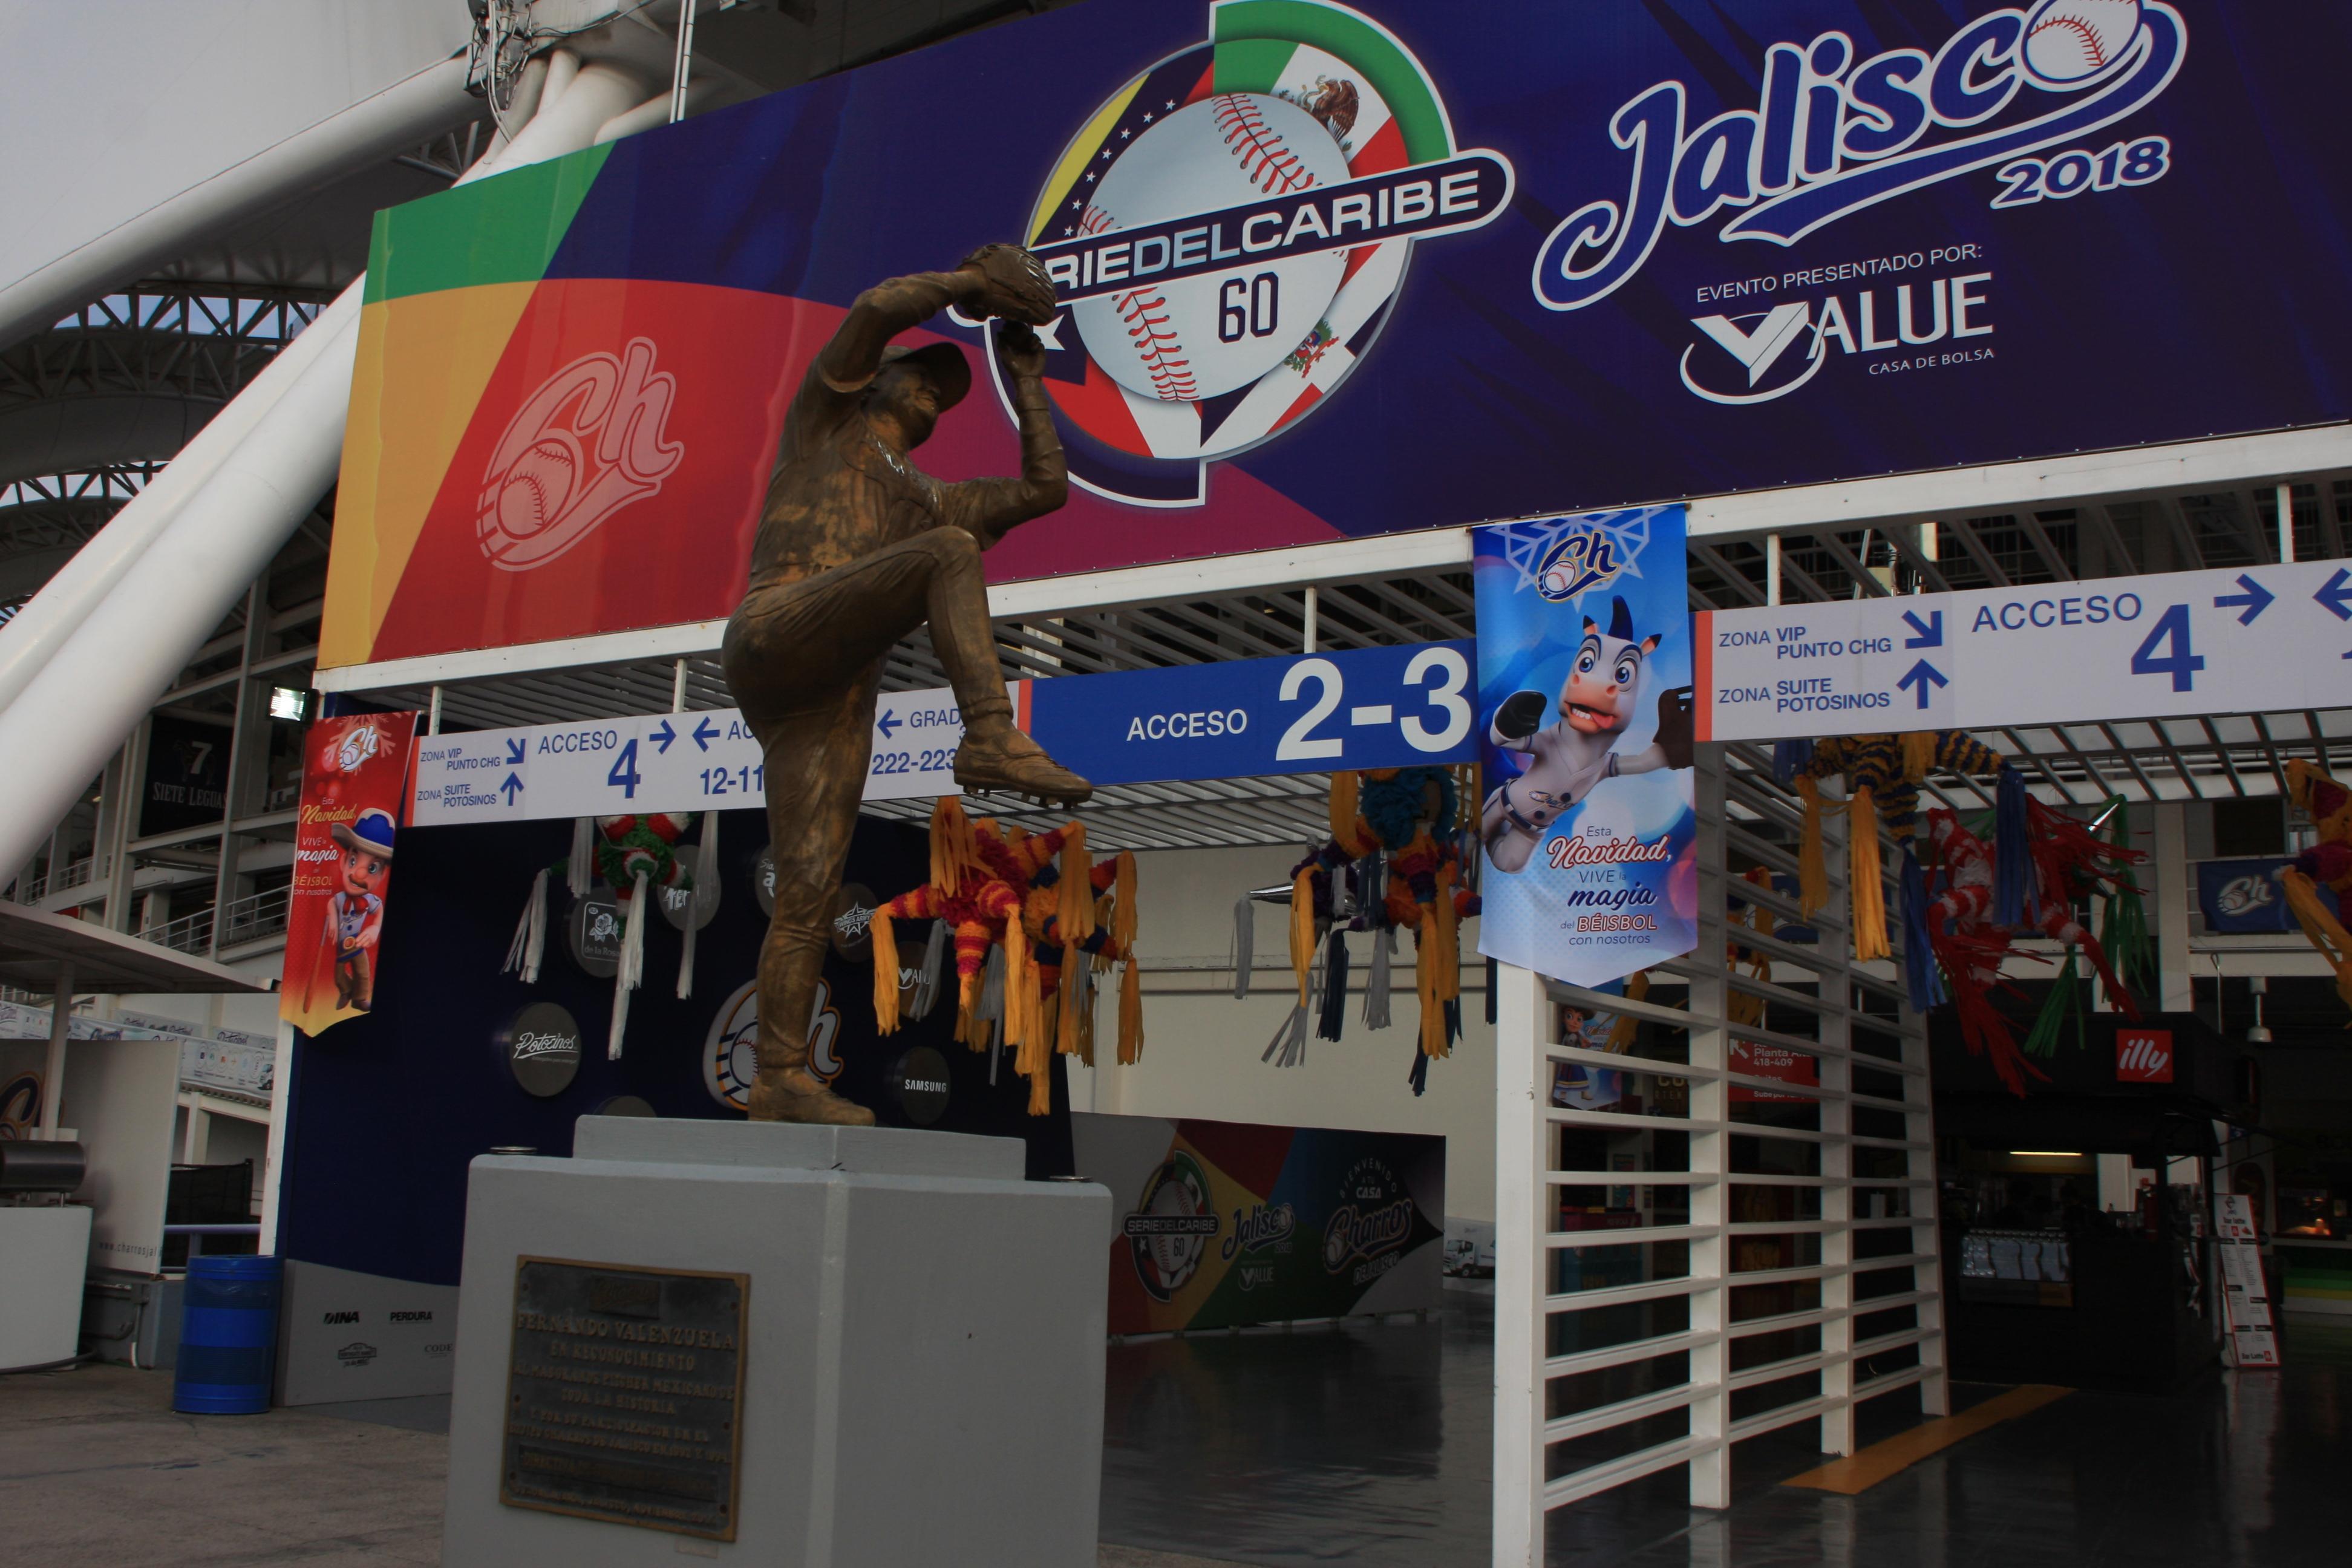 スタンド入り口にはメキシコの英雄、フェルナンド・バレンズエラの像が建っている。